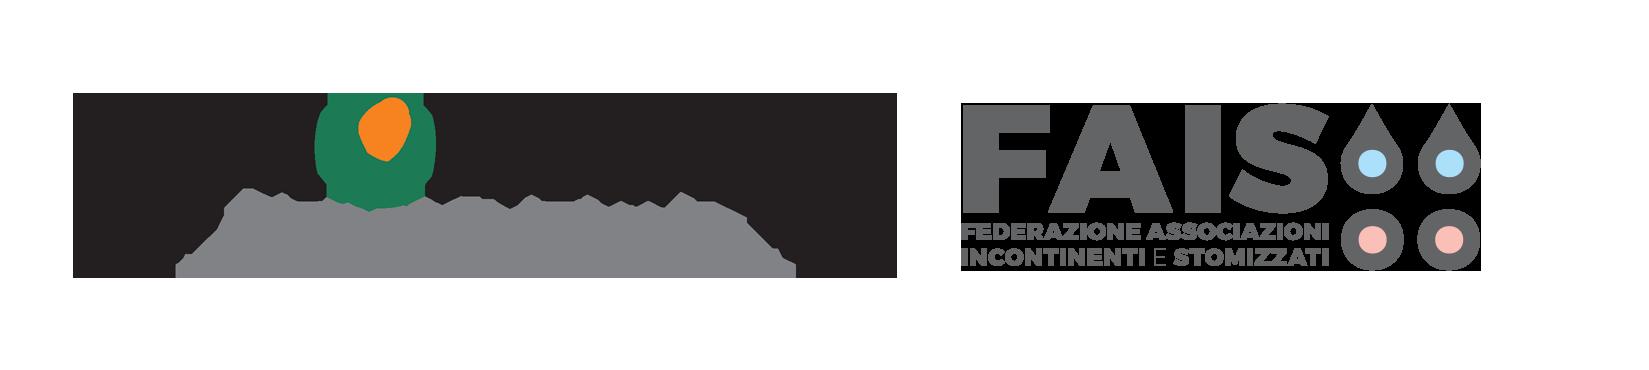 Senior Italia Federanziani, F.A.I.S.